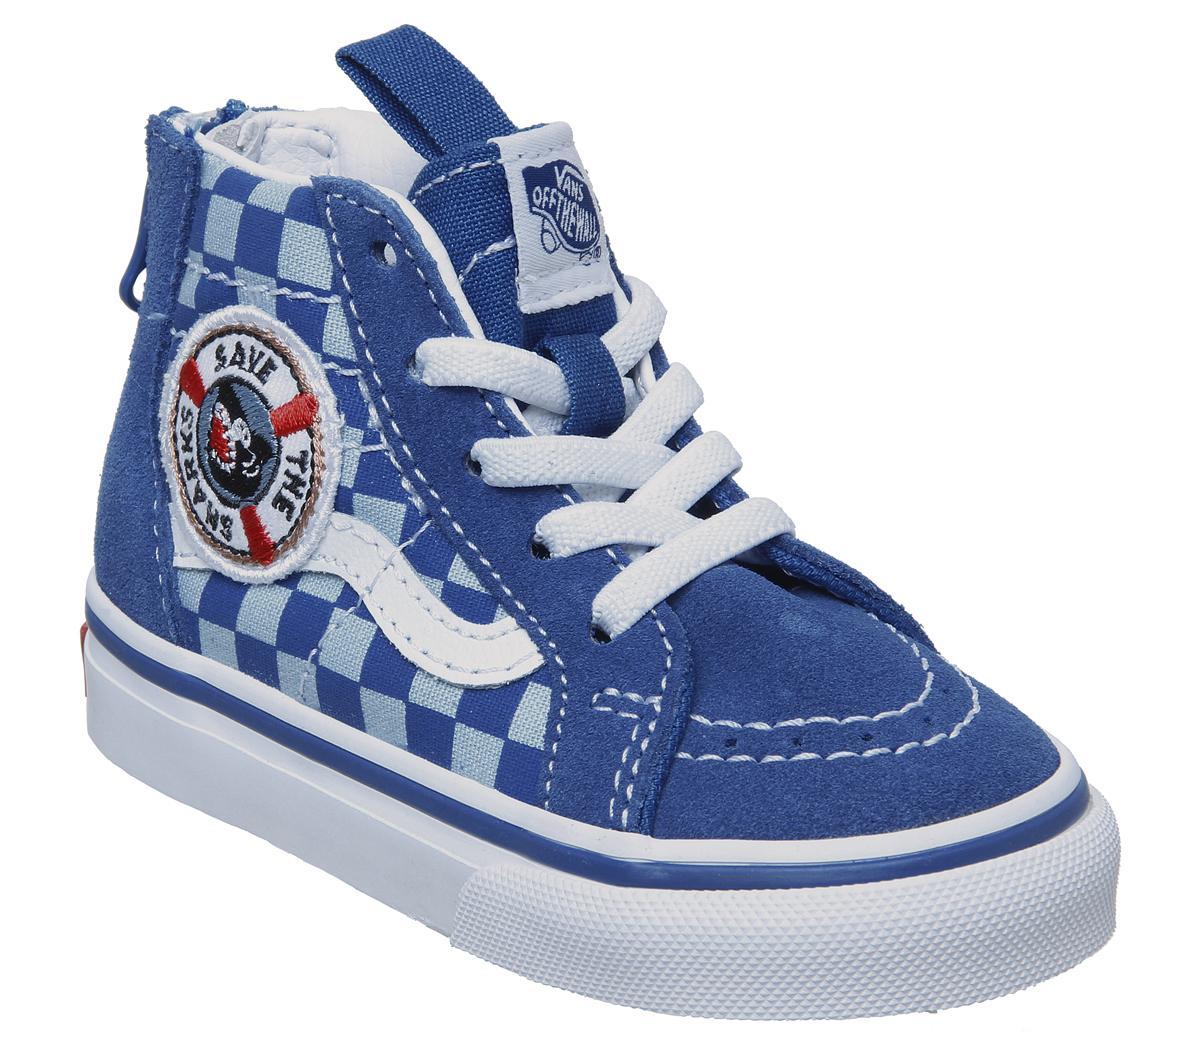 Vans Sk8 Hi Zip Toddler Trainers Blue